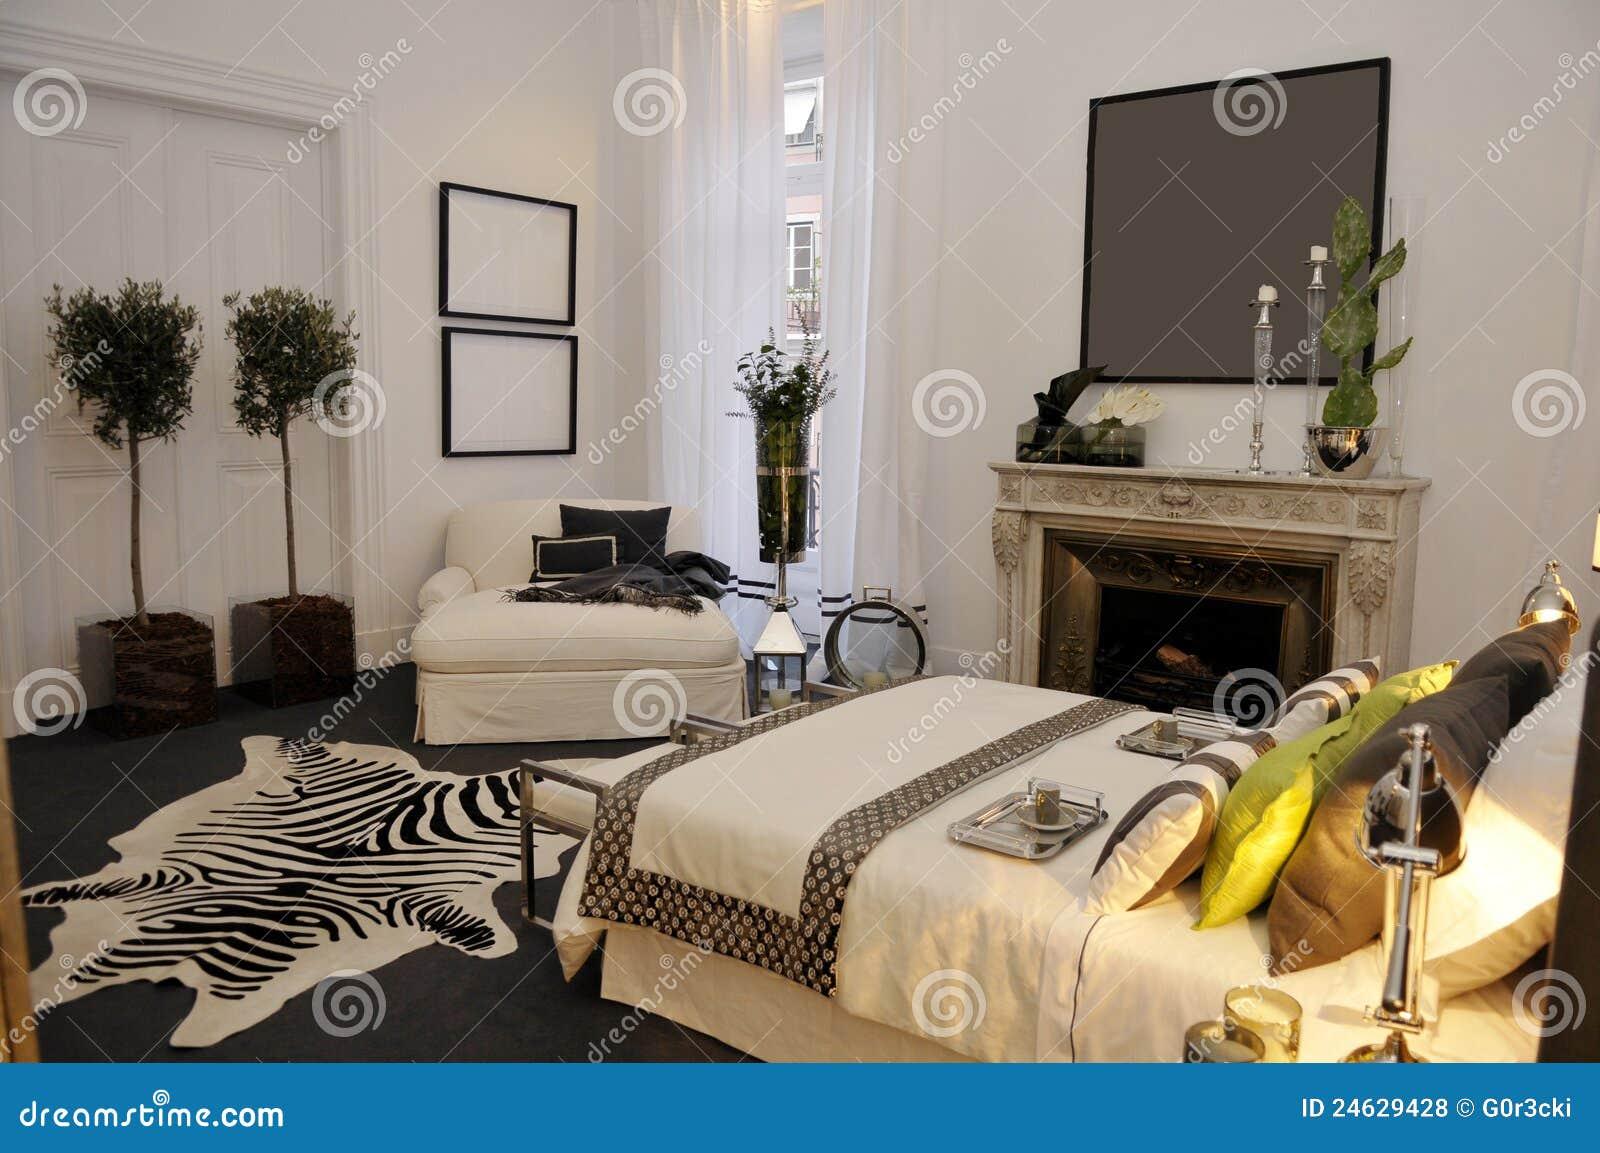 Camera da letto bianca fotografie stock libere da diritti - Musica da camera da letto ...